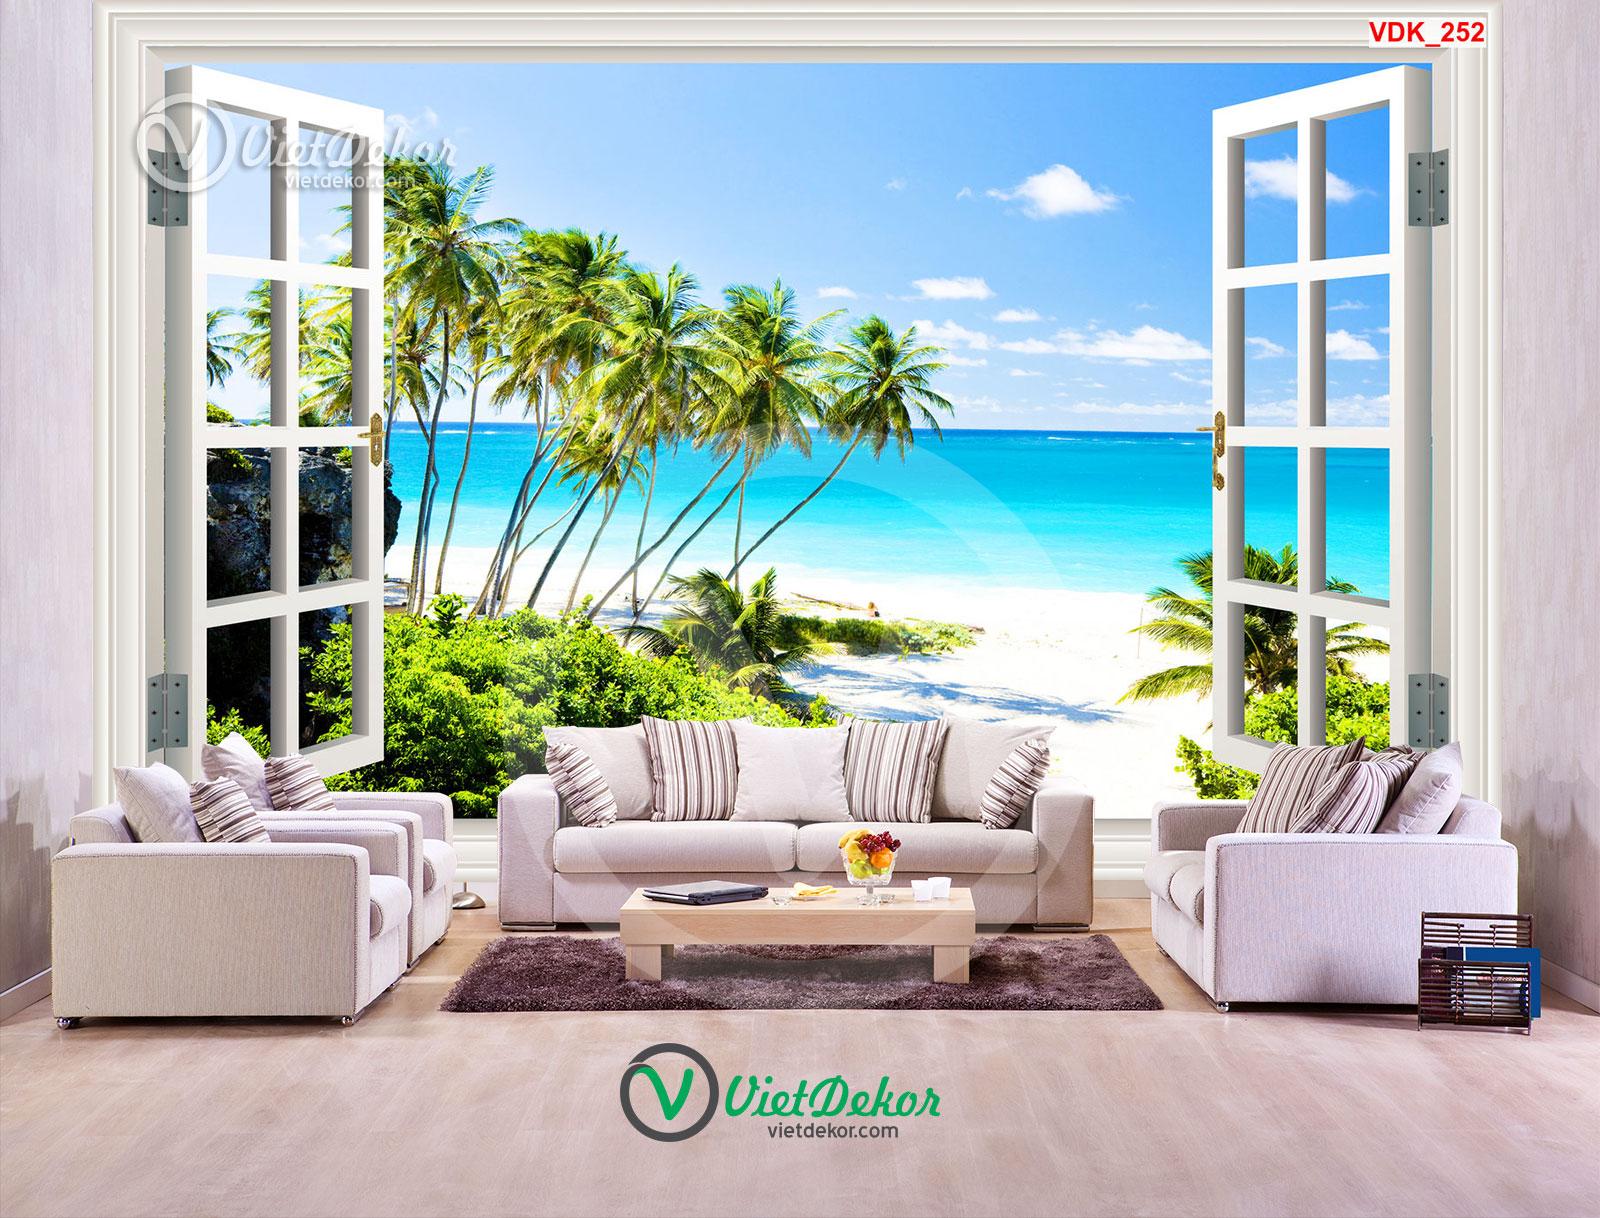 Tranh dán tường 3d cửa sổ bãi biển và cây